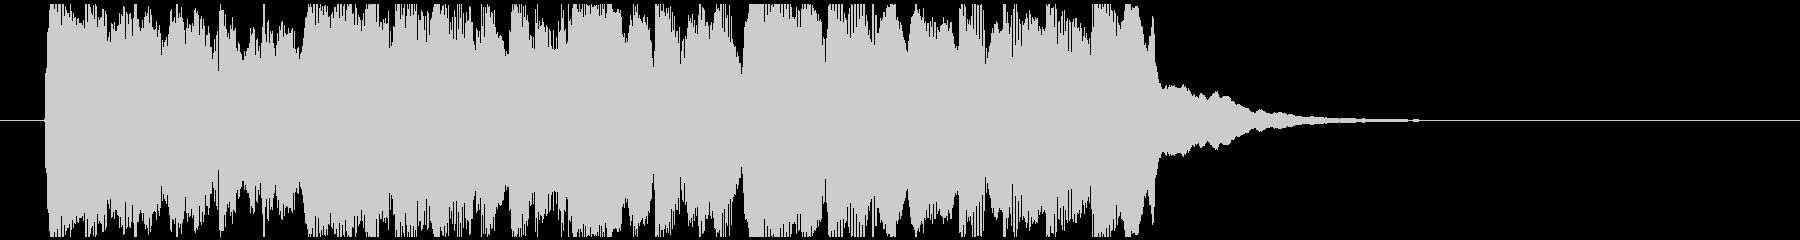 シンプルで落ち着きあるジングル、ロゴ。の未再生の波形